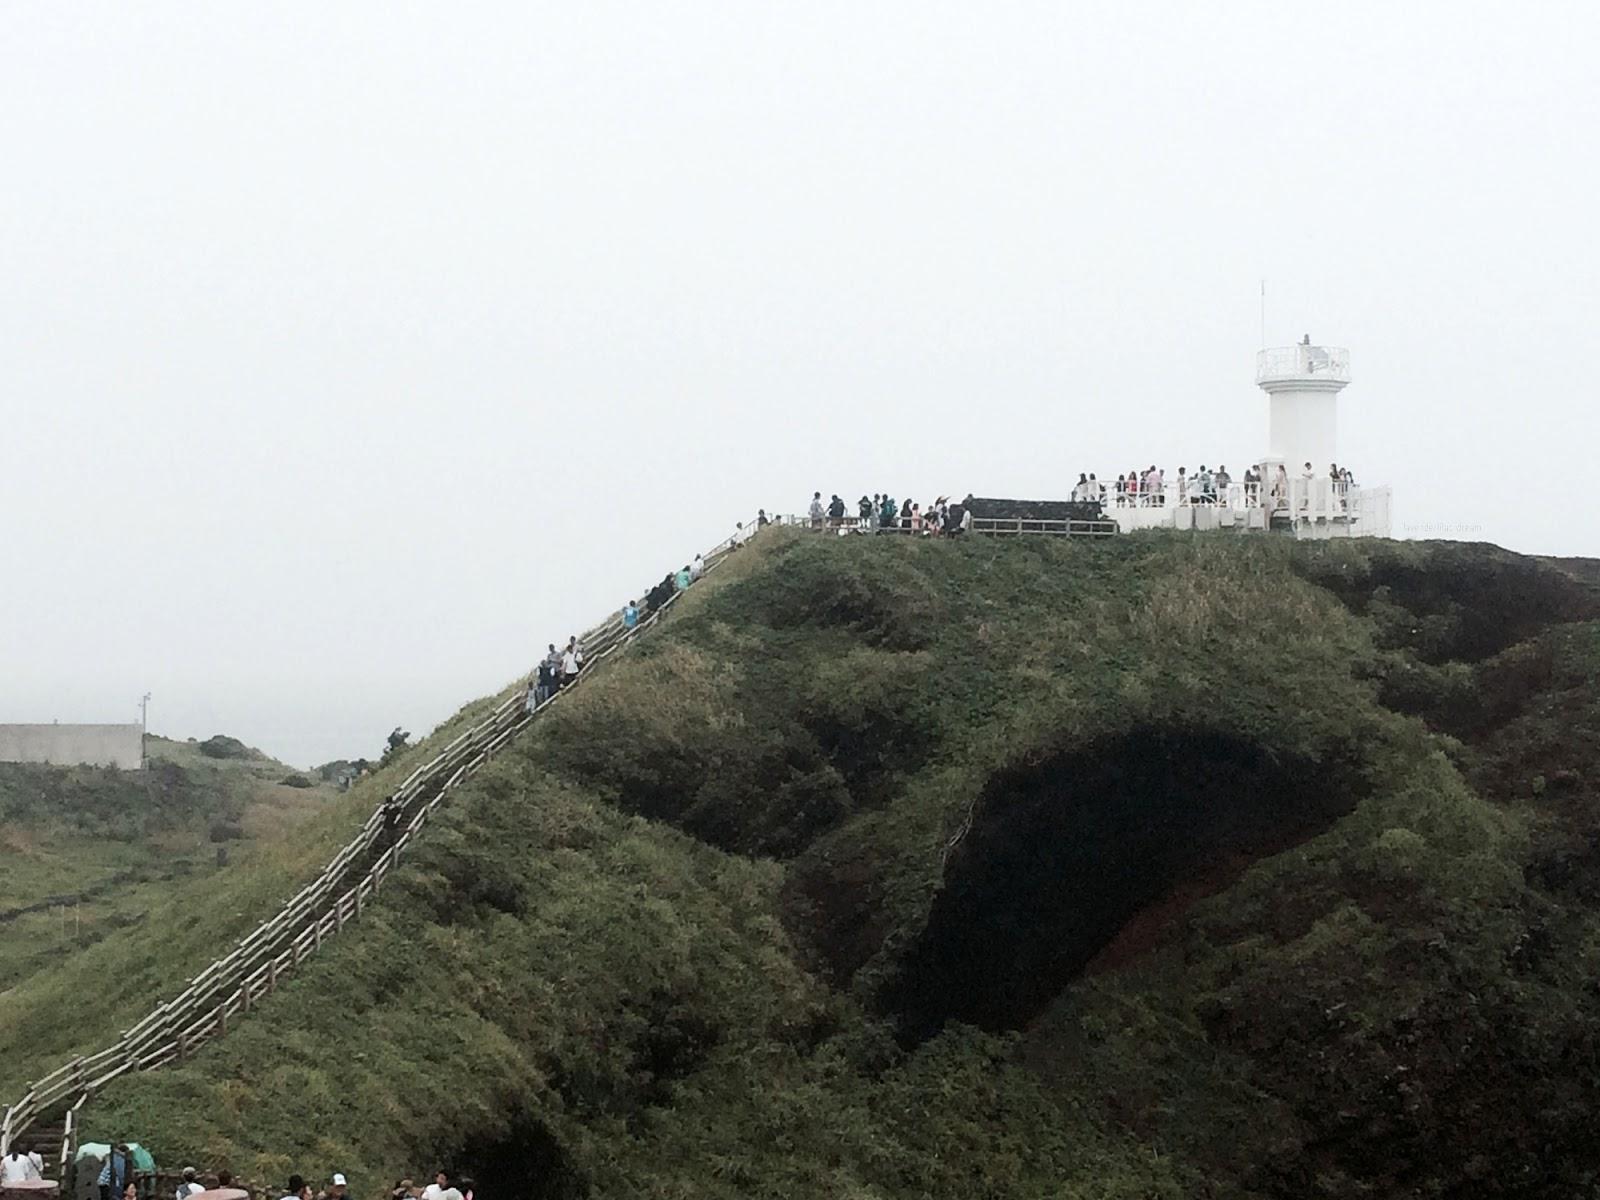 South Korea, Jeju Island, Yonsei University, YISS 2014, Seopji Coast lighthouse